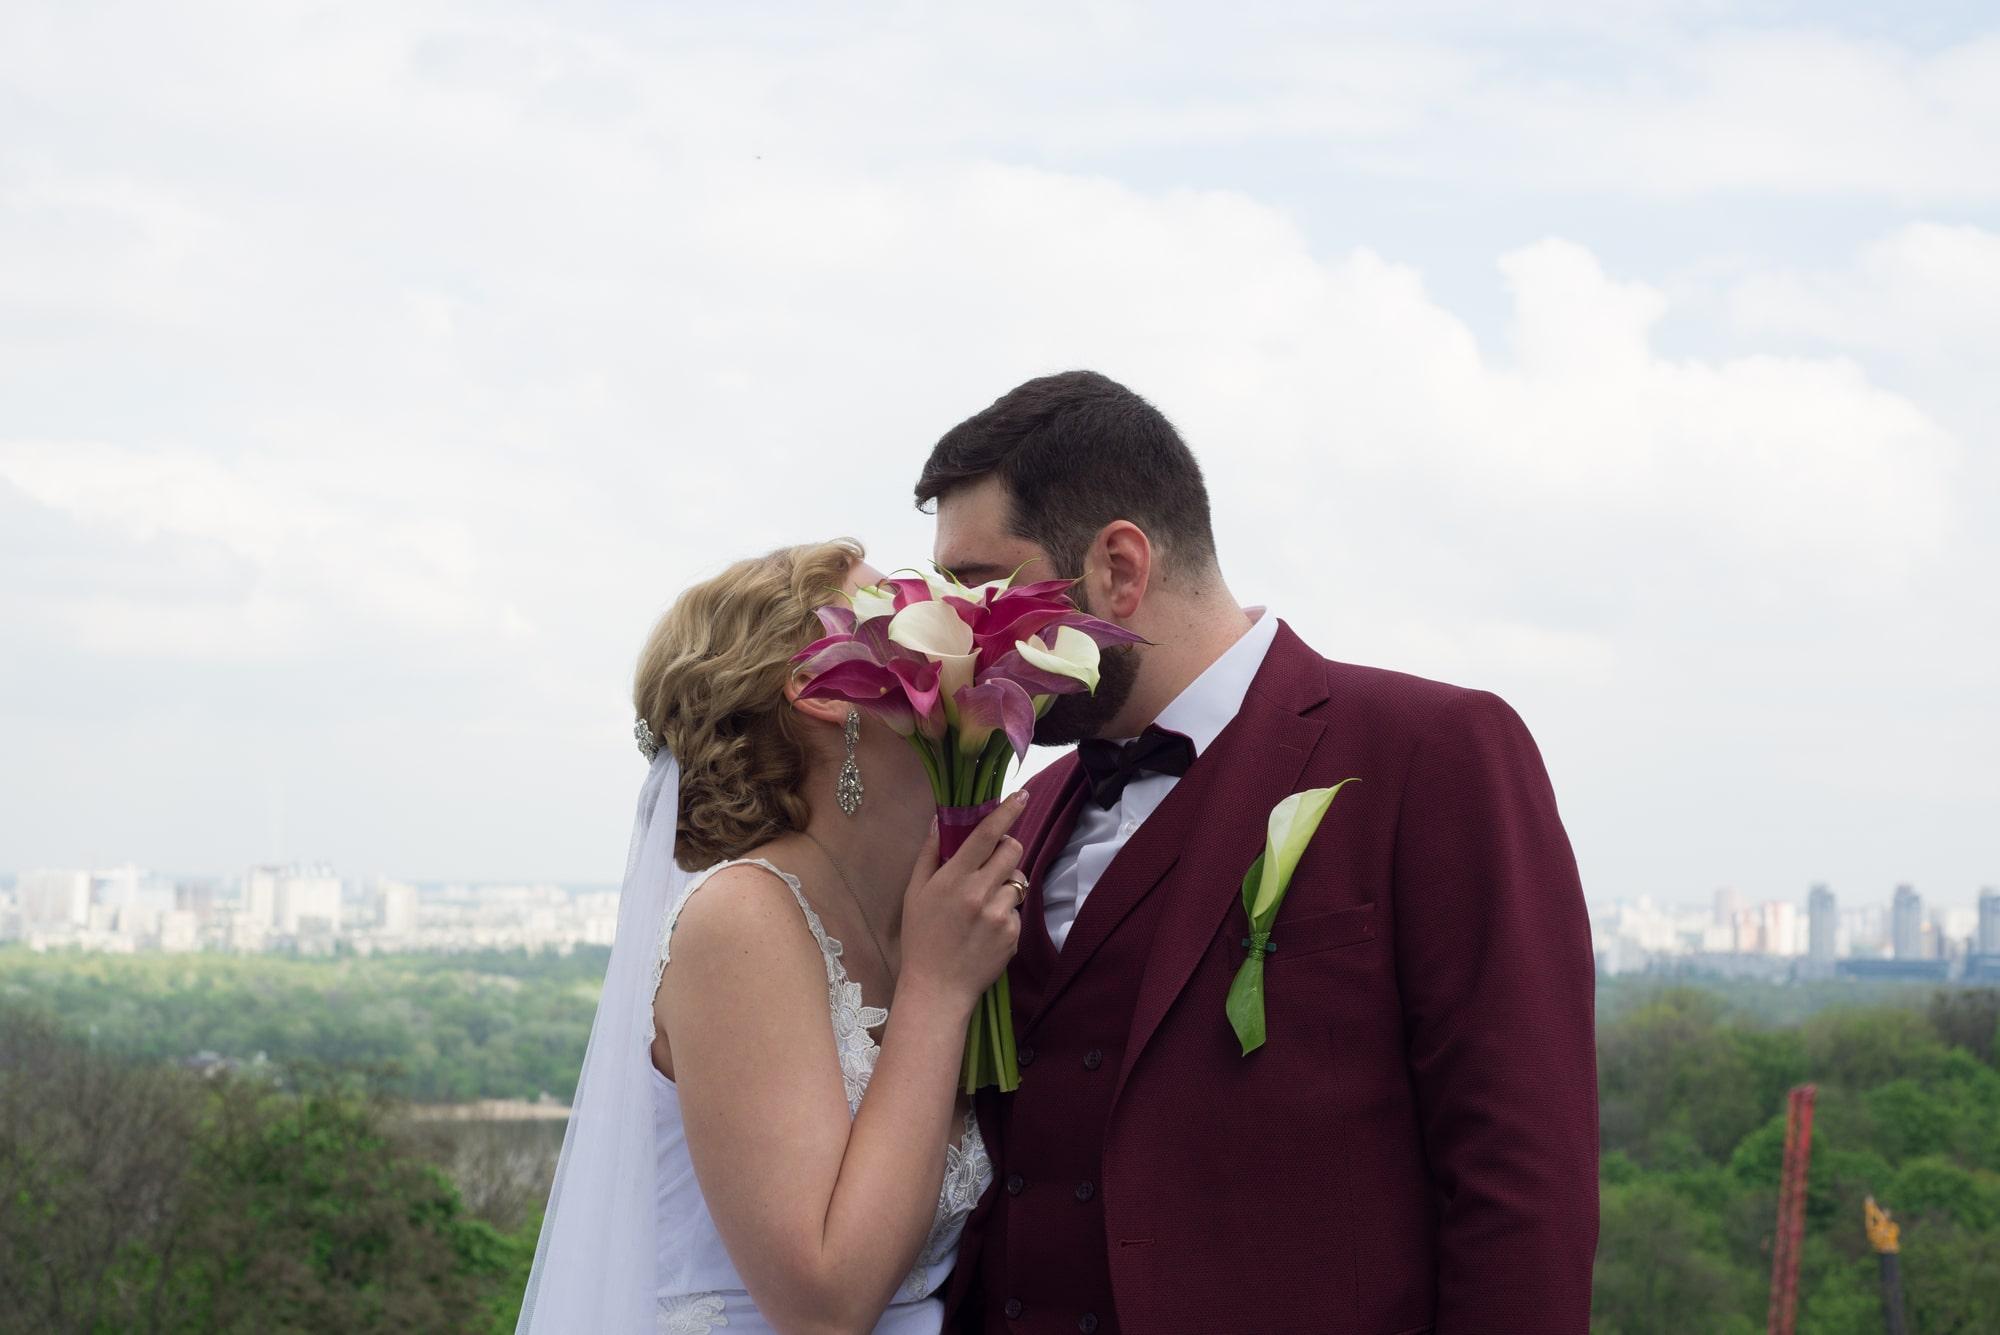 Молодожены закрыли поцелуй букетом - Фотограф Женя Лайт